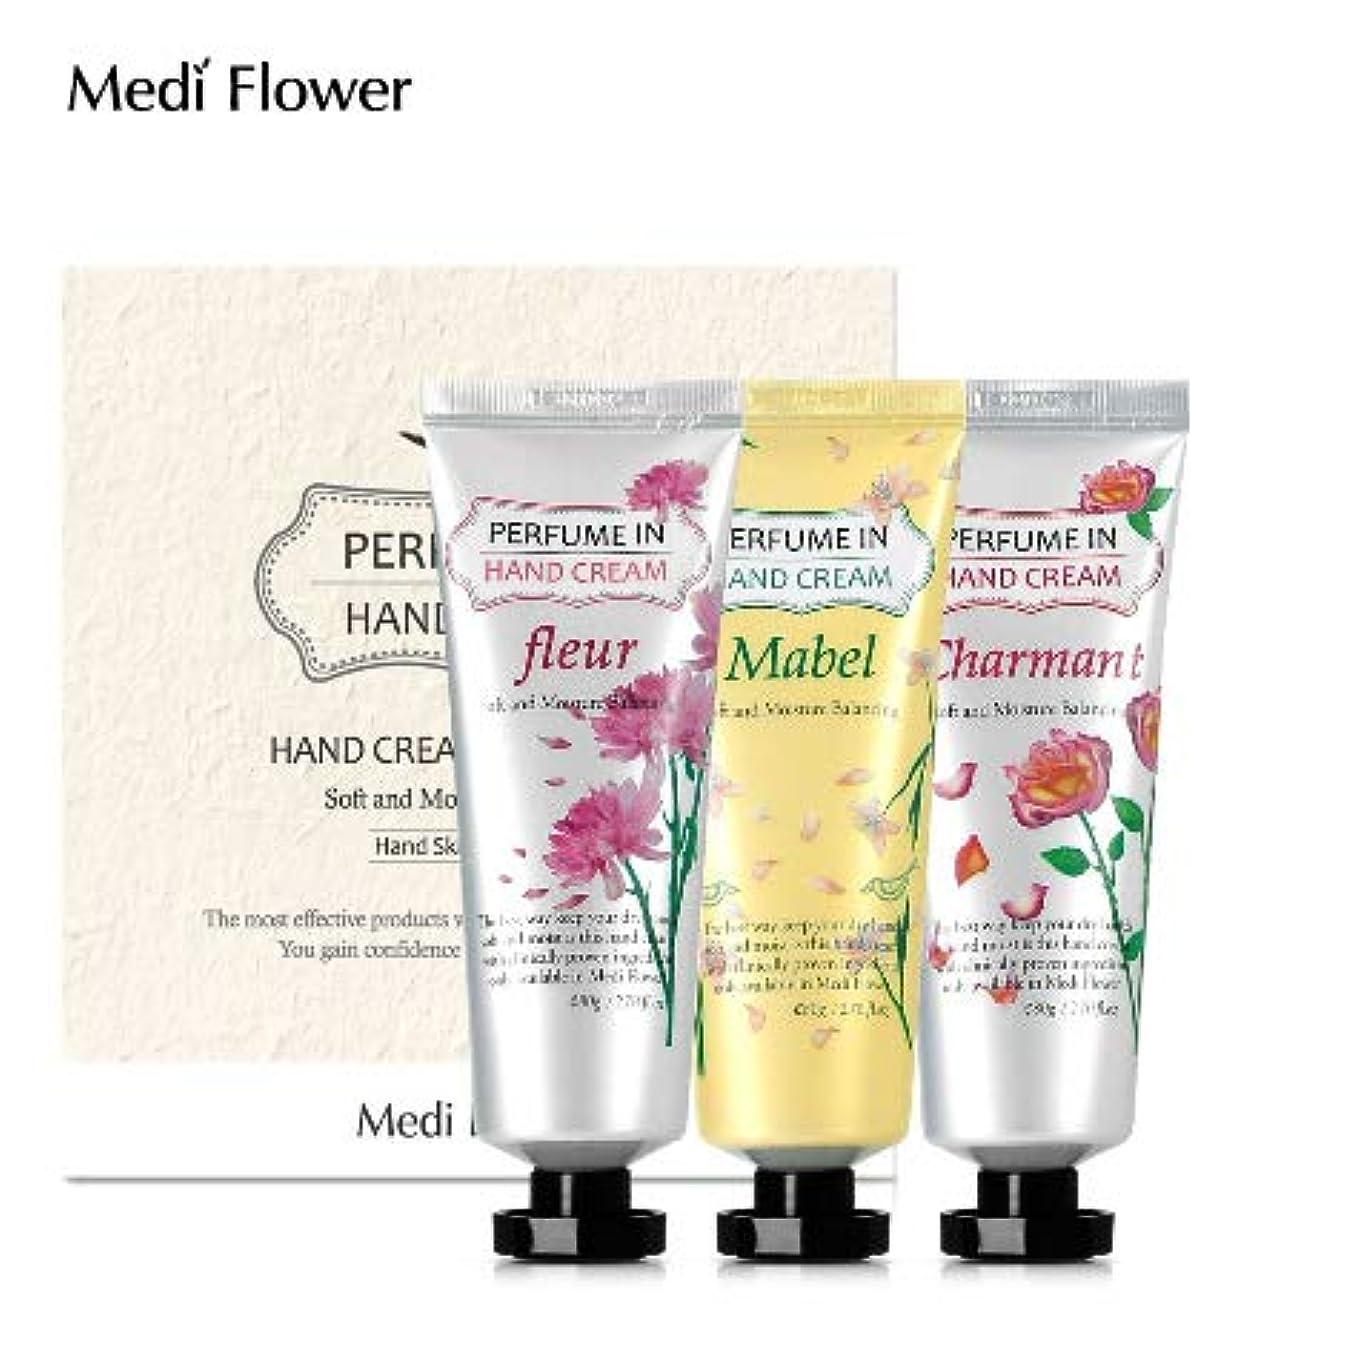 人工的な永遠に前に[MediFlower] パフュームインハンドクリーム?スペシャルセット 80g x 3個セット / Perfume Hand Cream Specail Set